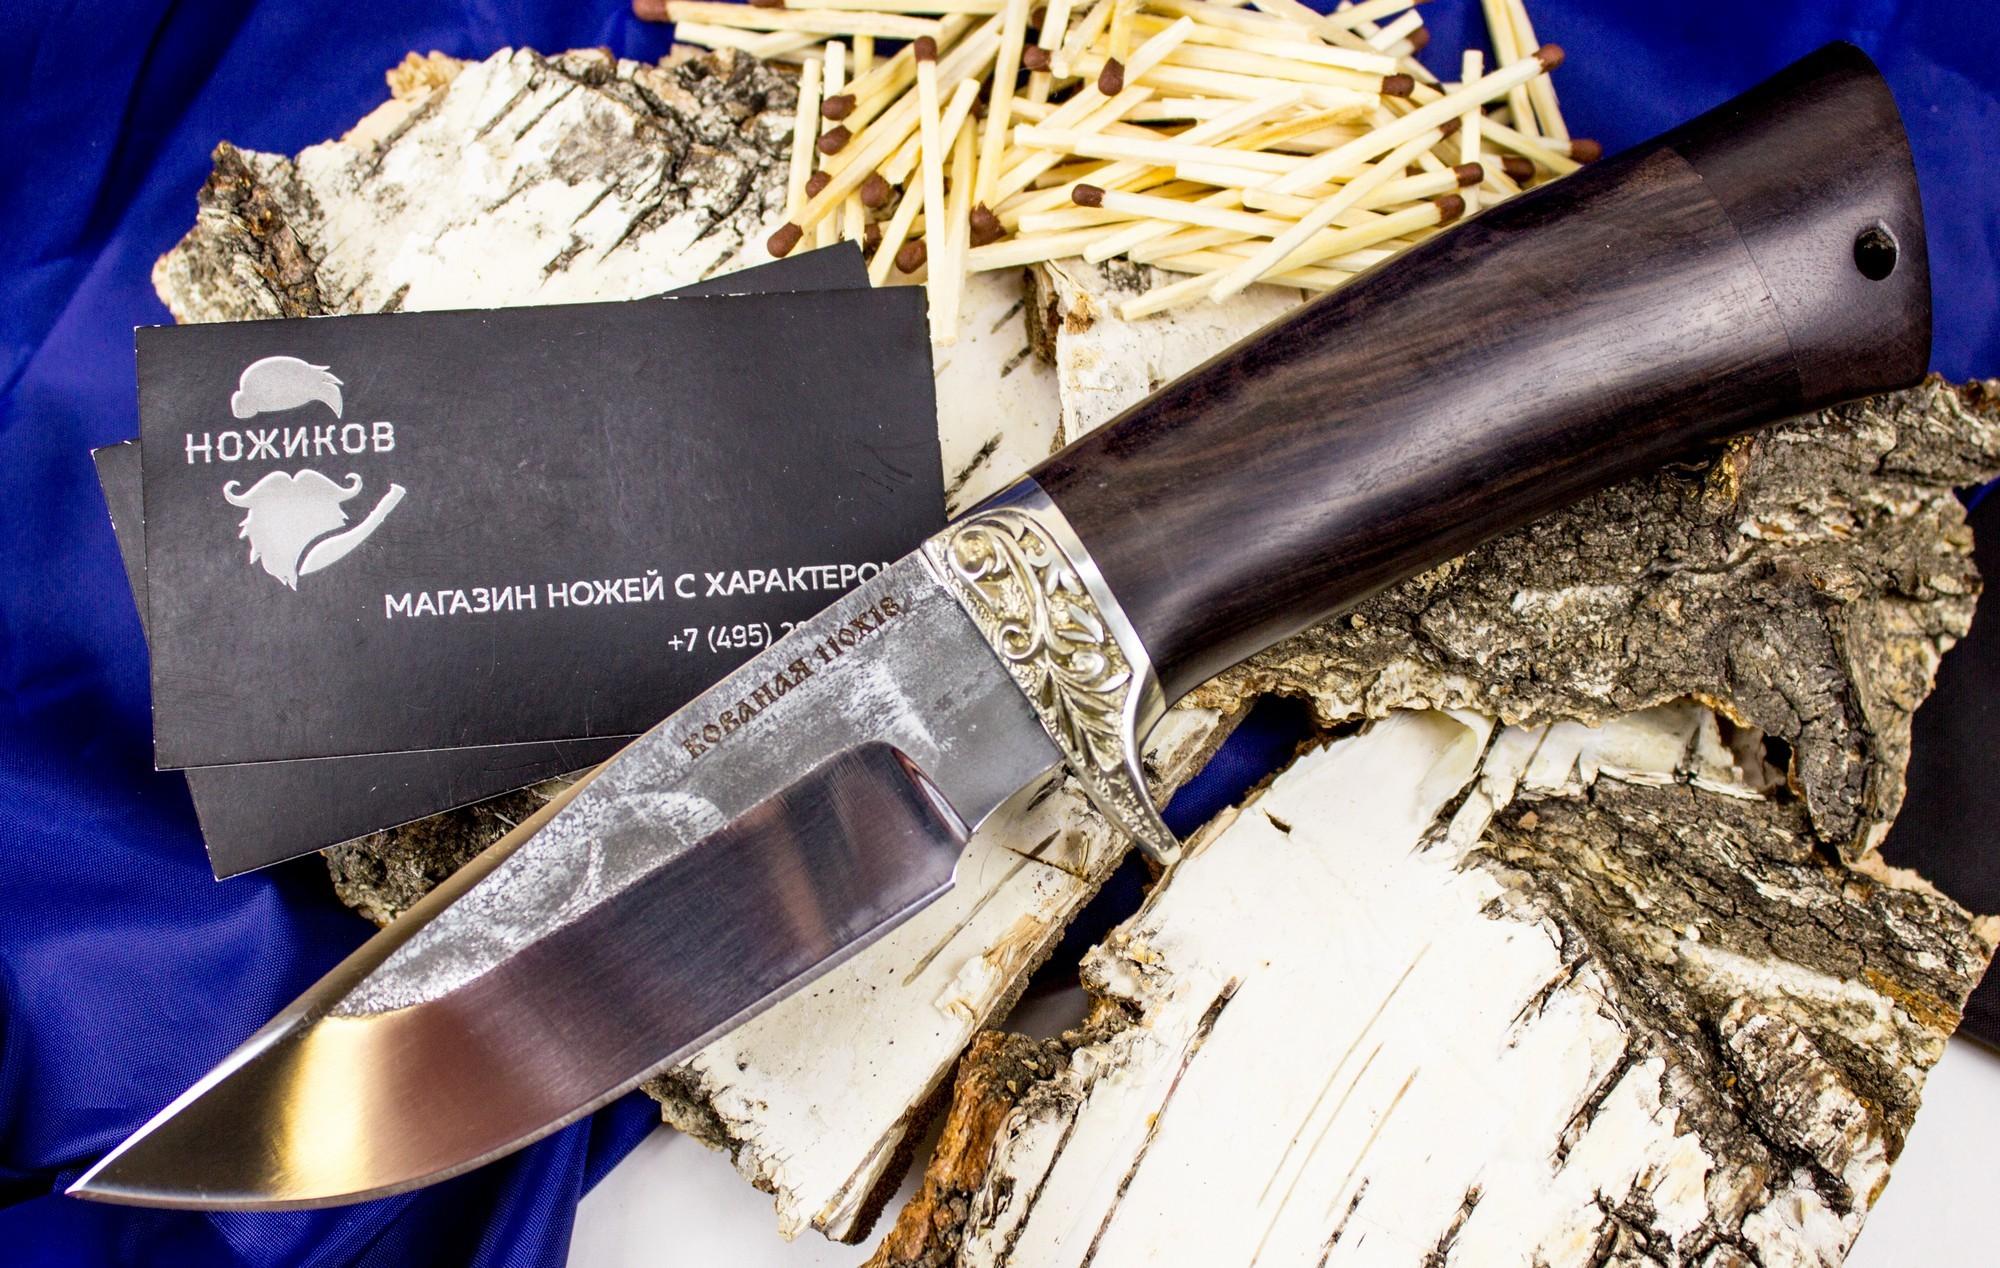 Нож Норвег, сталь 110Х18, мельхиорНожи Ворсма<br>Универсальный нож для рыболовов и туристов. Компактный, рабочий нож, с хорошим клинком практичного исполнения. Хорошо подойдет для частого использования, в любых целях. Клинок выполнен из кованой стали 110х18, с нанесением художественной травления. Нож обладает высокой износостойкостью и очень высокой коррозионной стойкостью.<br>